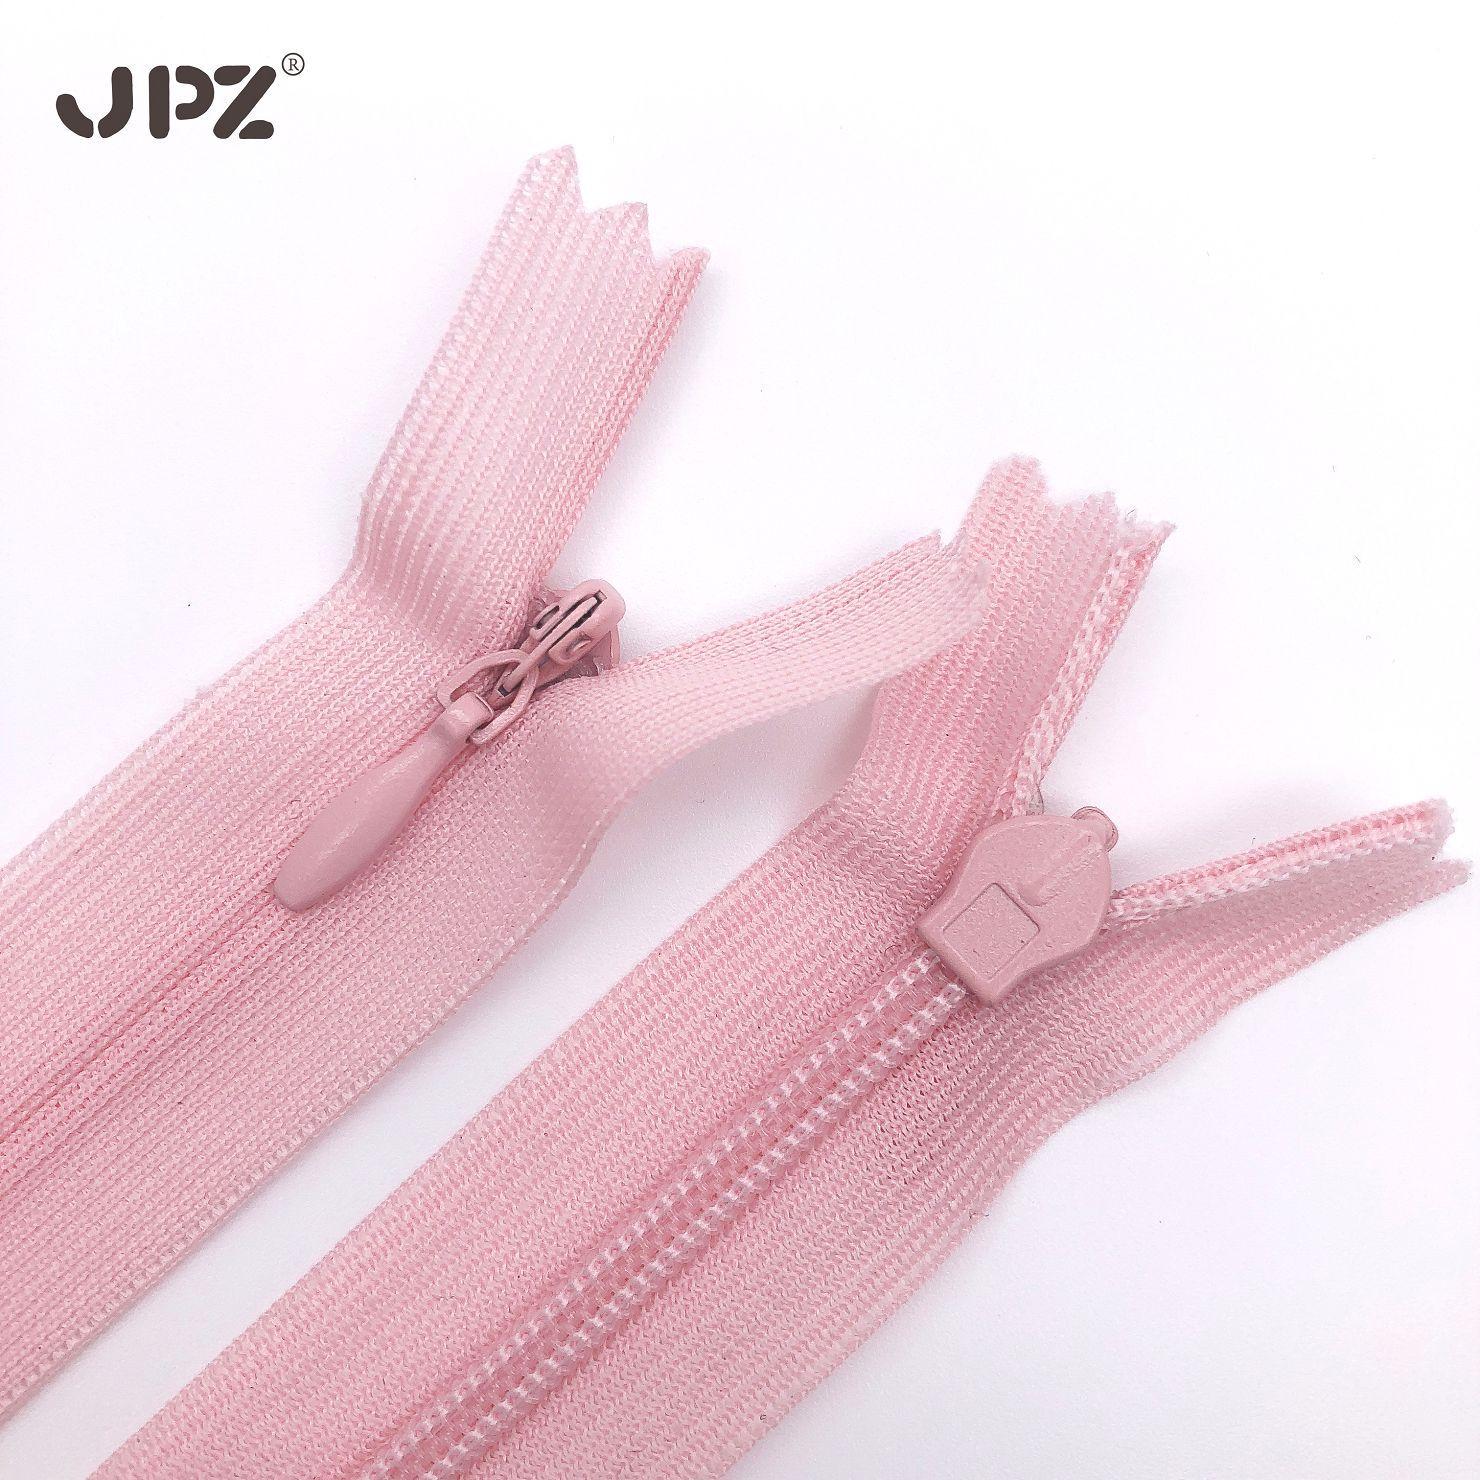 JPZ Dây kéo Nylon Nhà sản xuất bán buôn thứ 3 ren vô hình dây kéo nylon vải cạnh gối gối dây kéo có